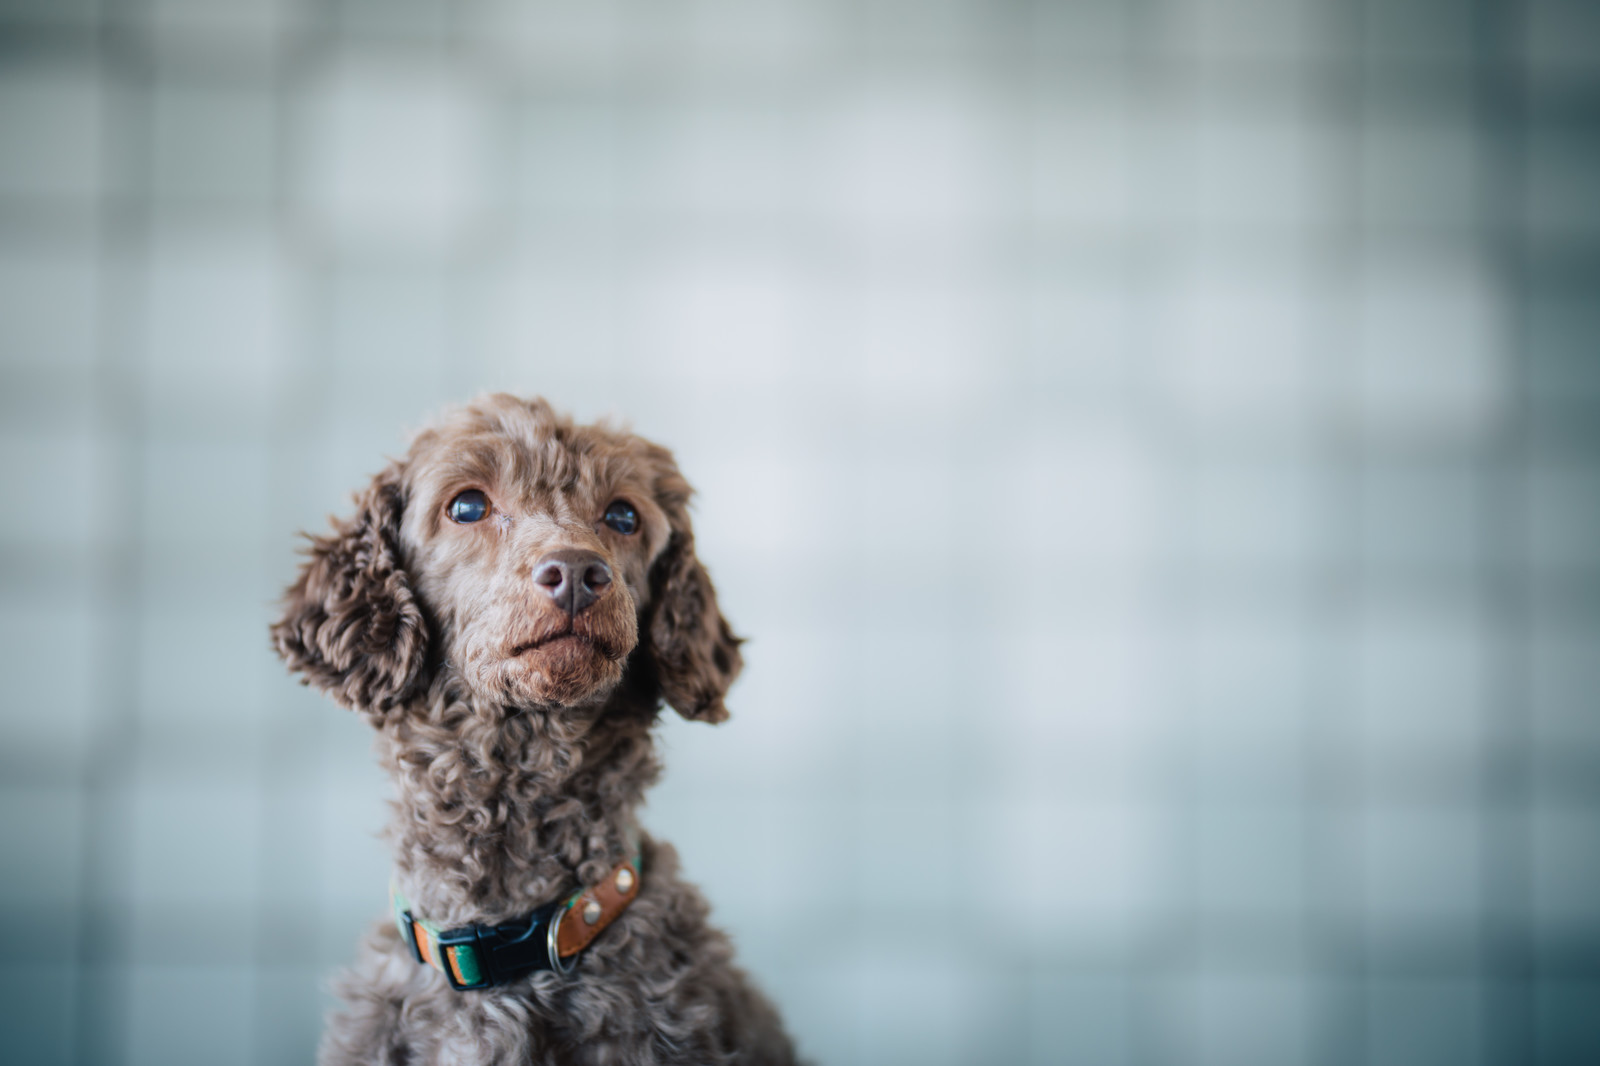 「上を見上げる犬上を見上げる犬」のフリー写真素材を拡大